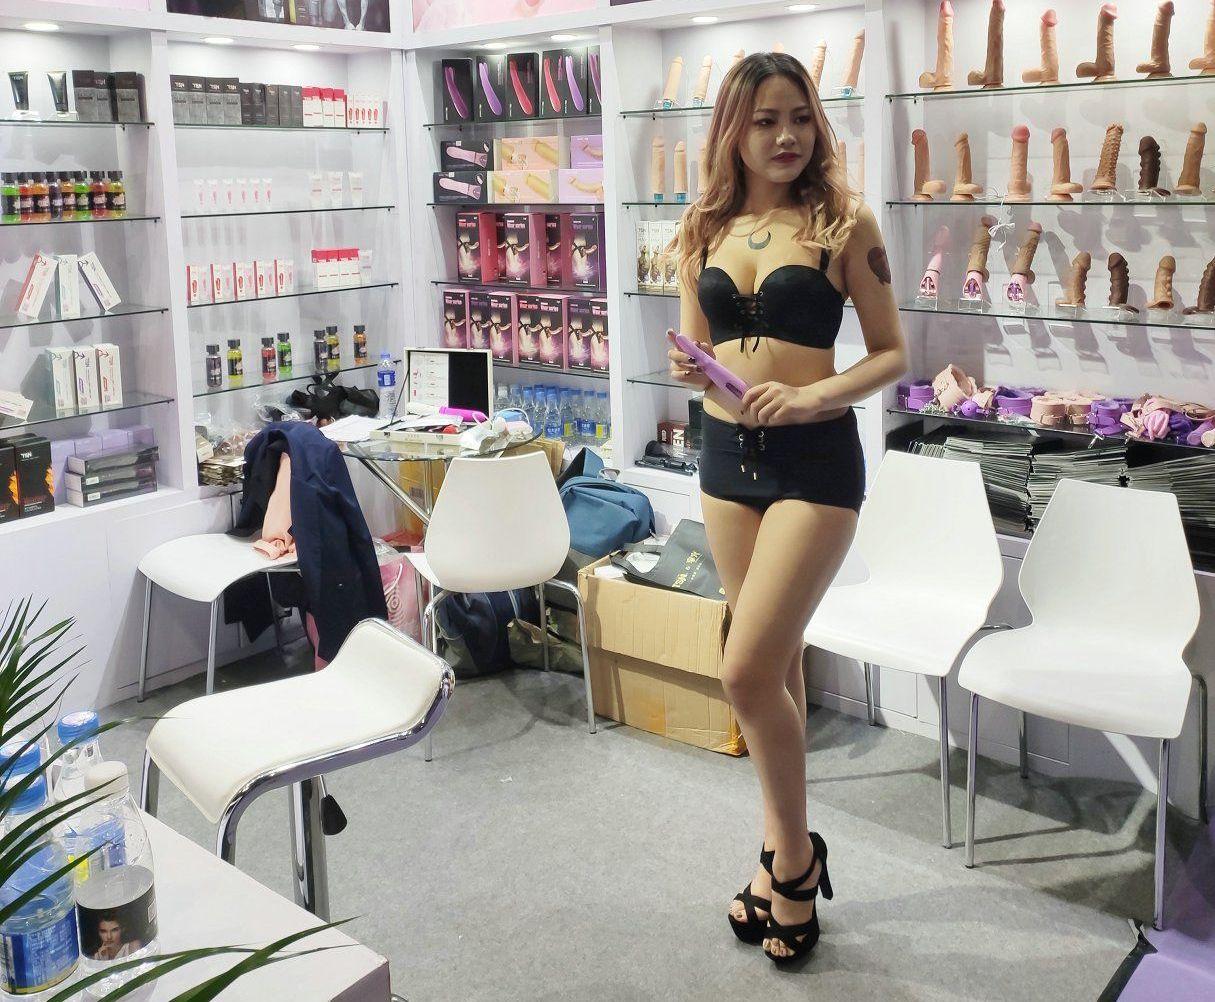 展商邀请模特展台宣传产品